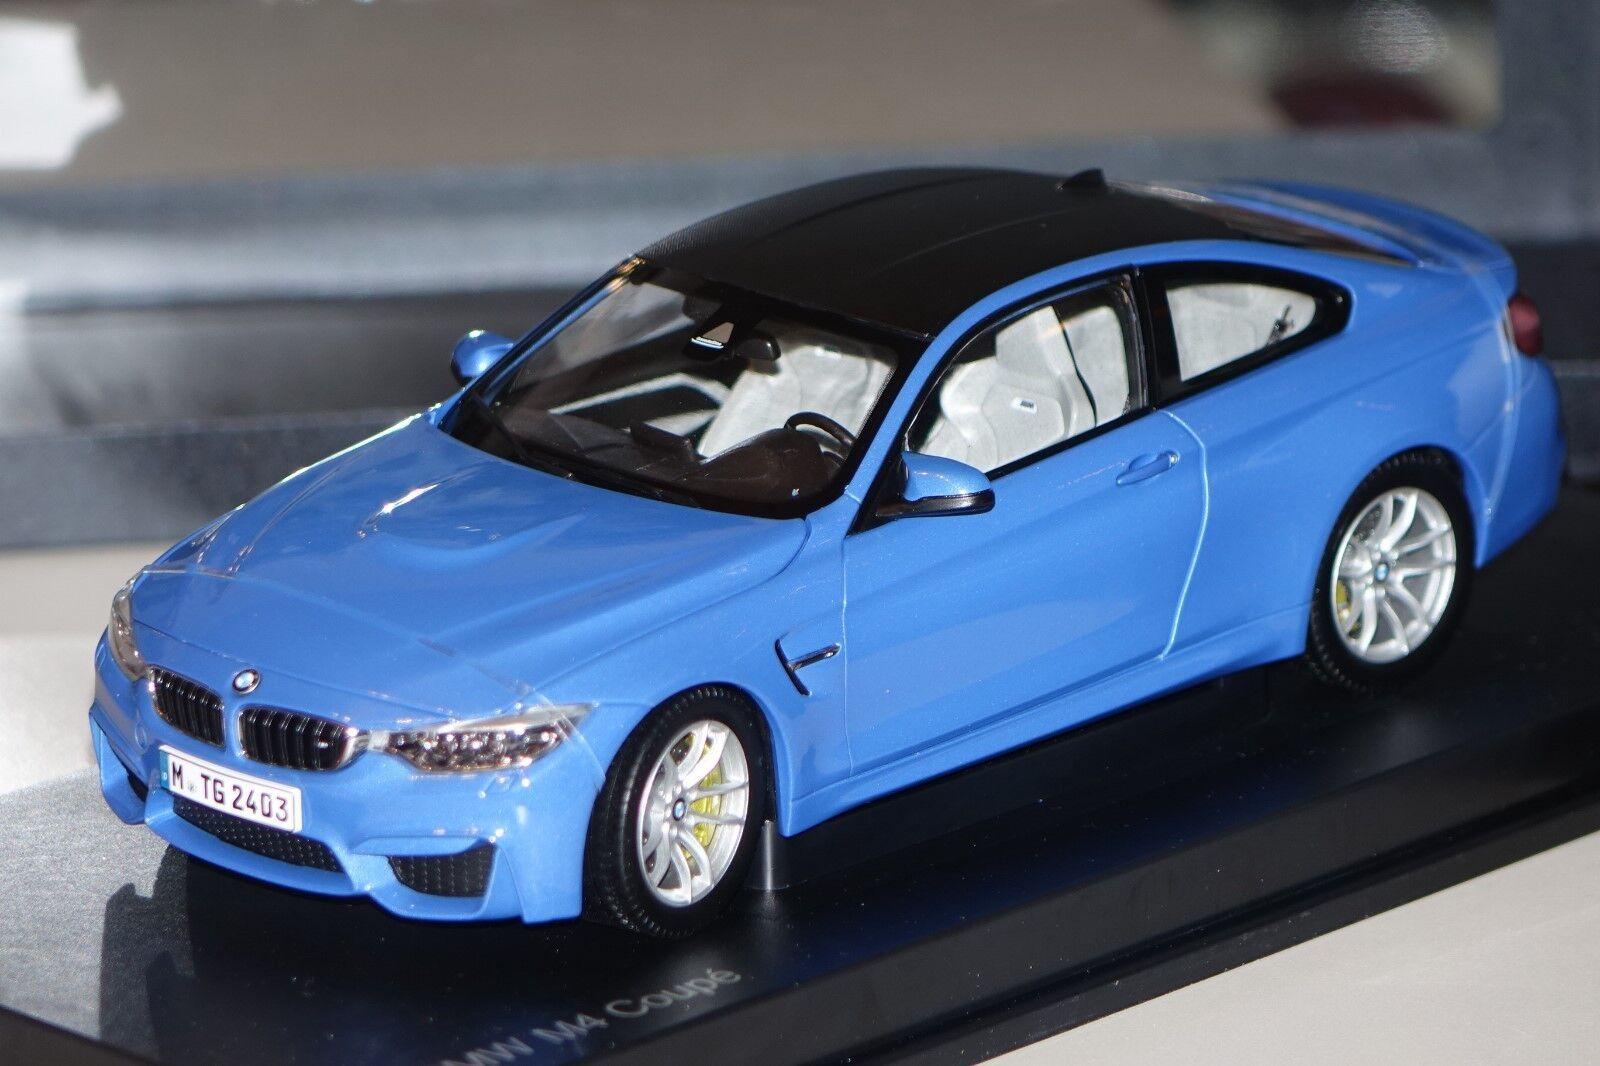 Bmw m4 Coupe f82 azul metalizado Paragon bmw 80432339607 1 18 nuevo embalaje original &